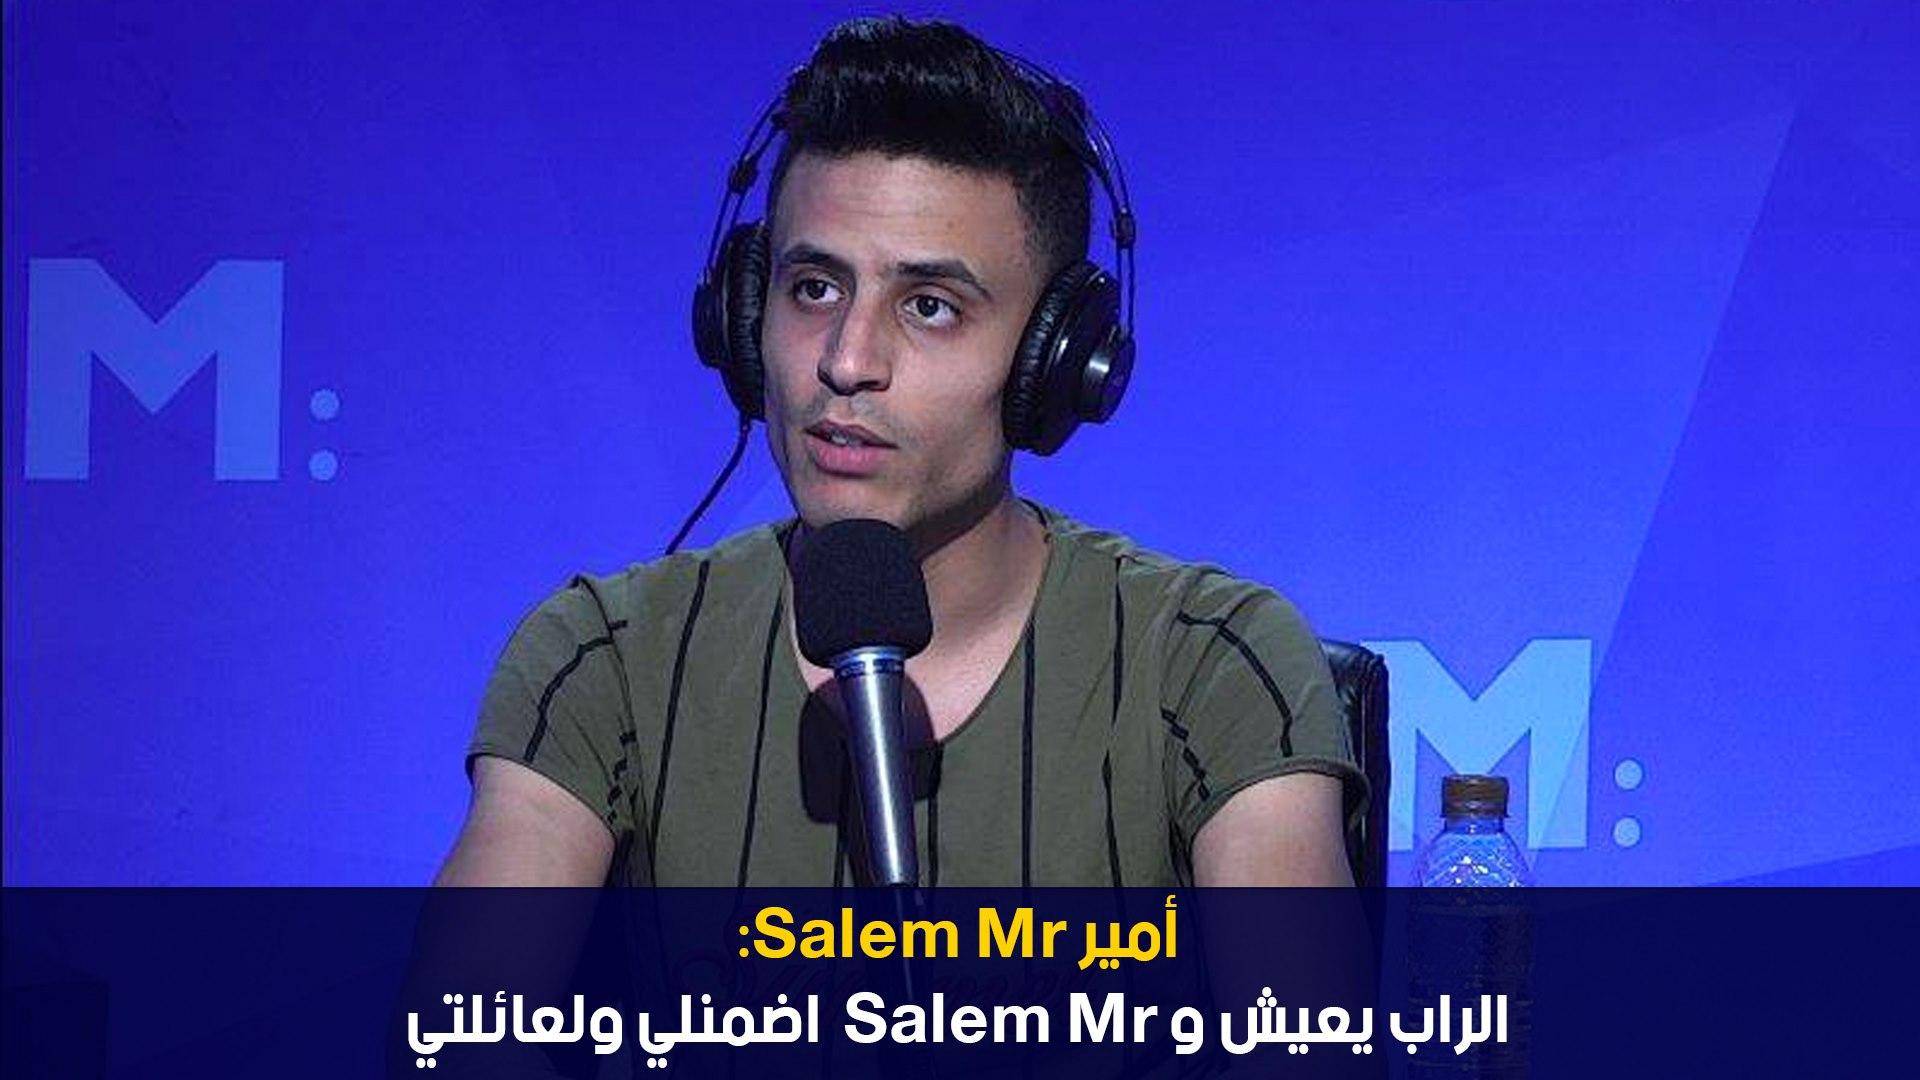 امير salem Mr :الراب يعيش وسلام Mr اضمنلي ولعائلتي